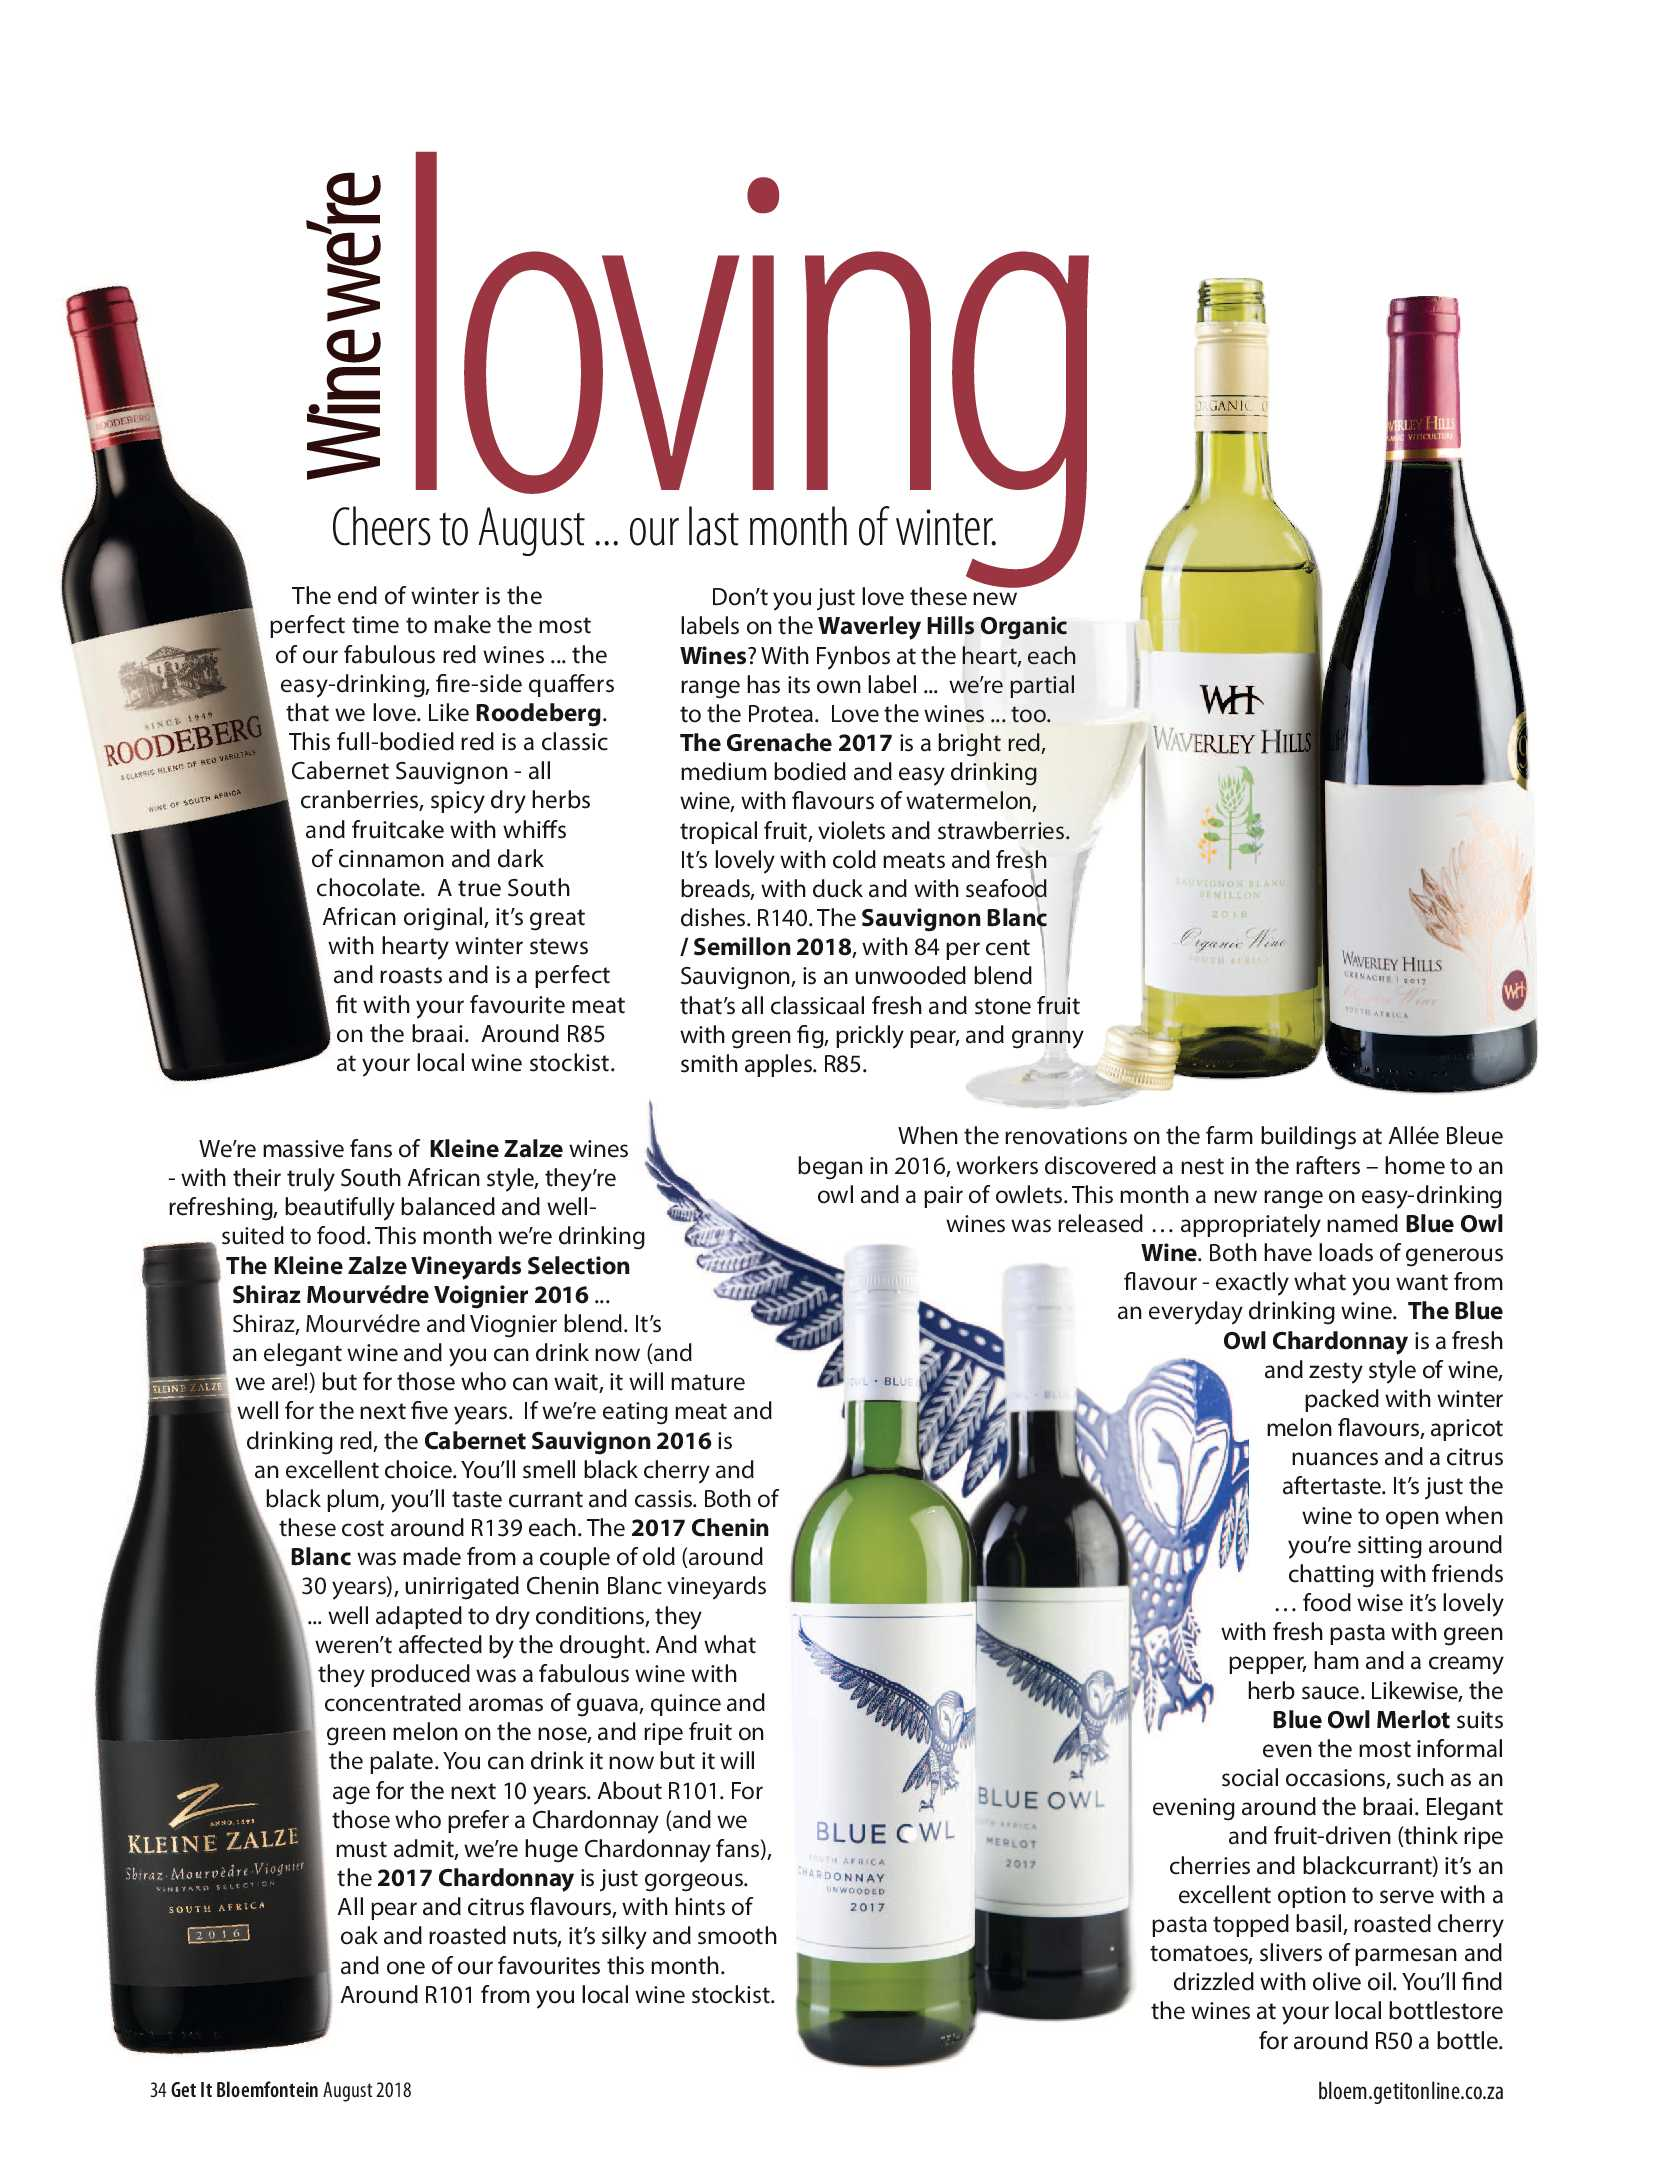 get-bloemfontein-august-2018-epapers-page-36